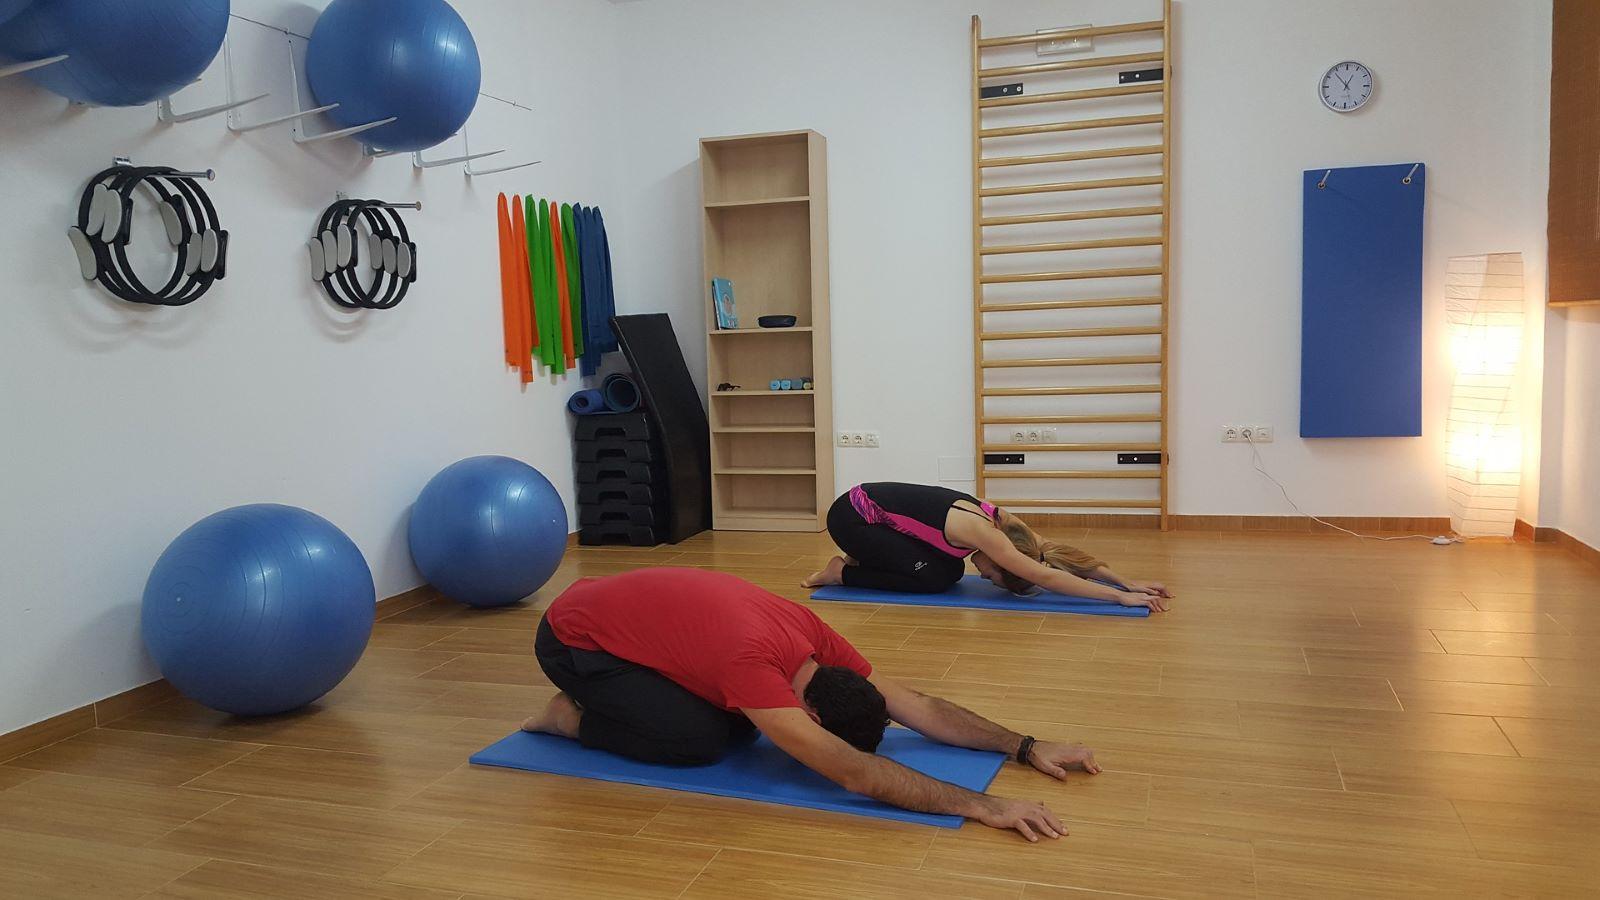 deux personnes qui font des exercices au sol